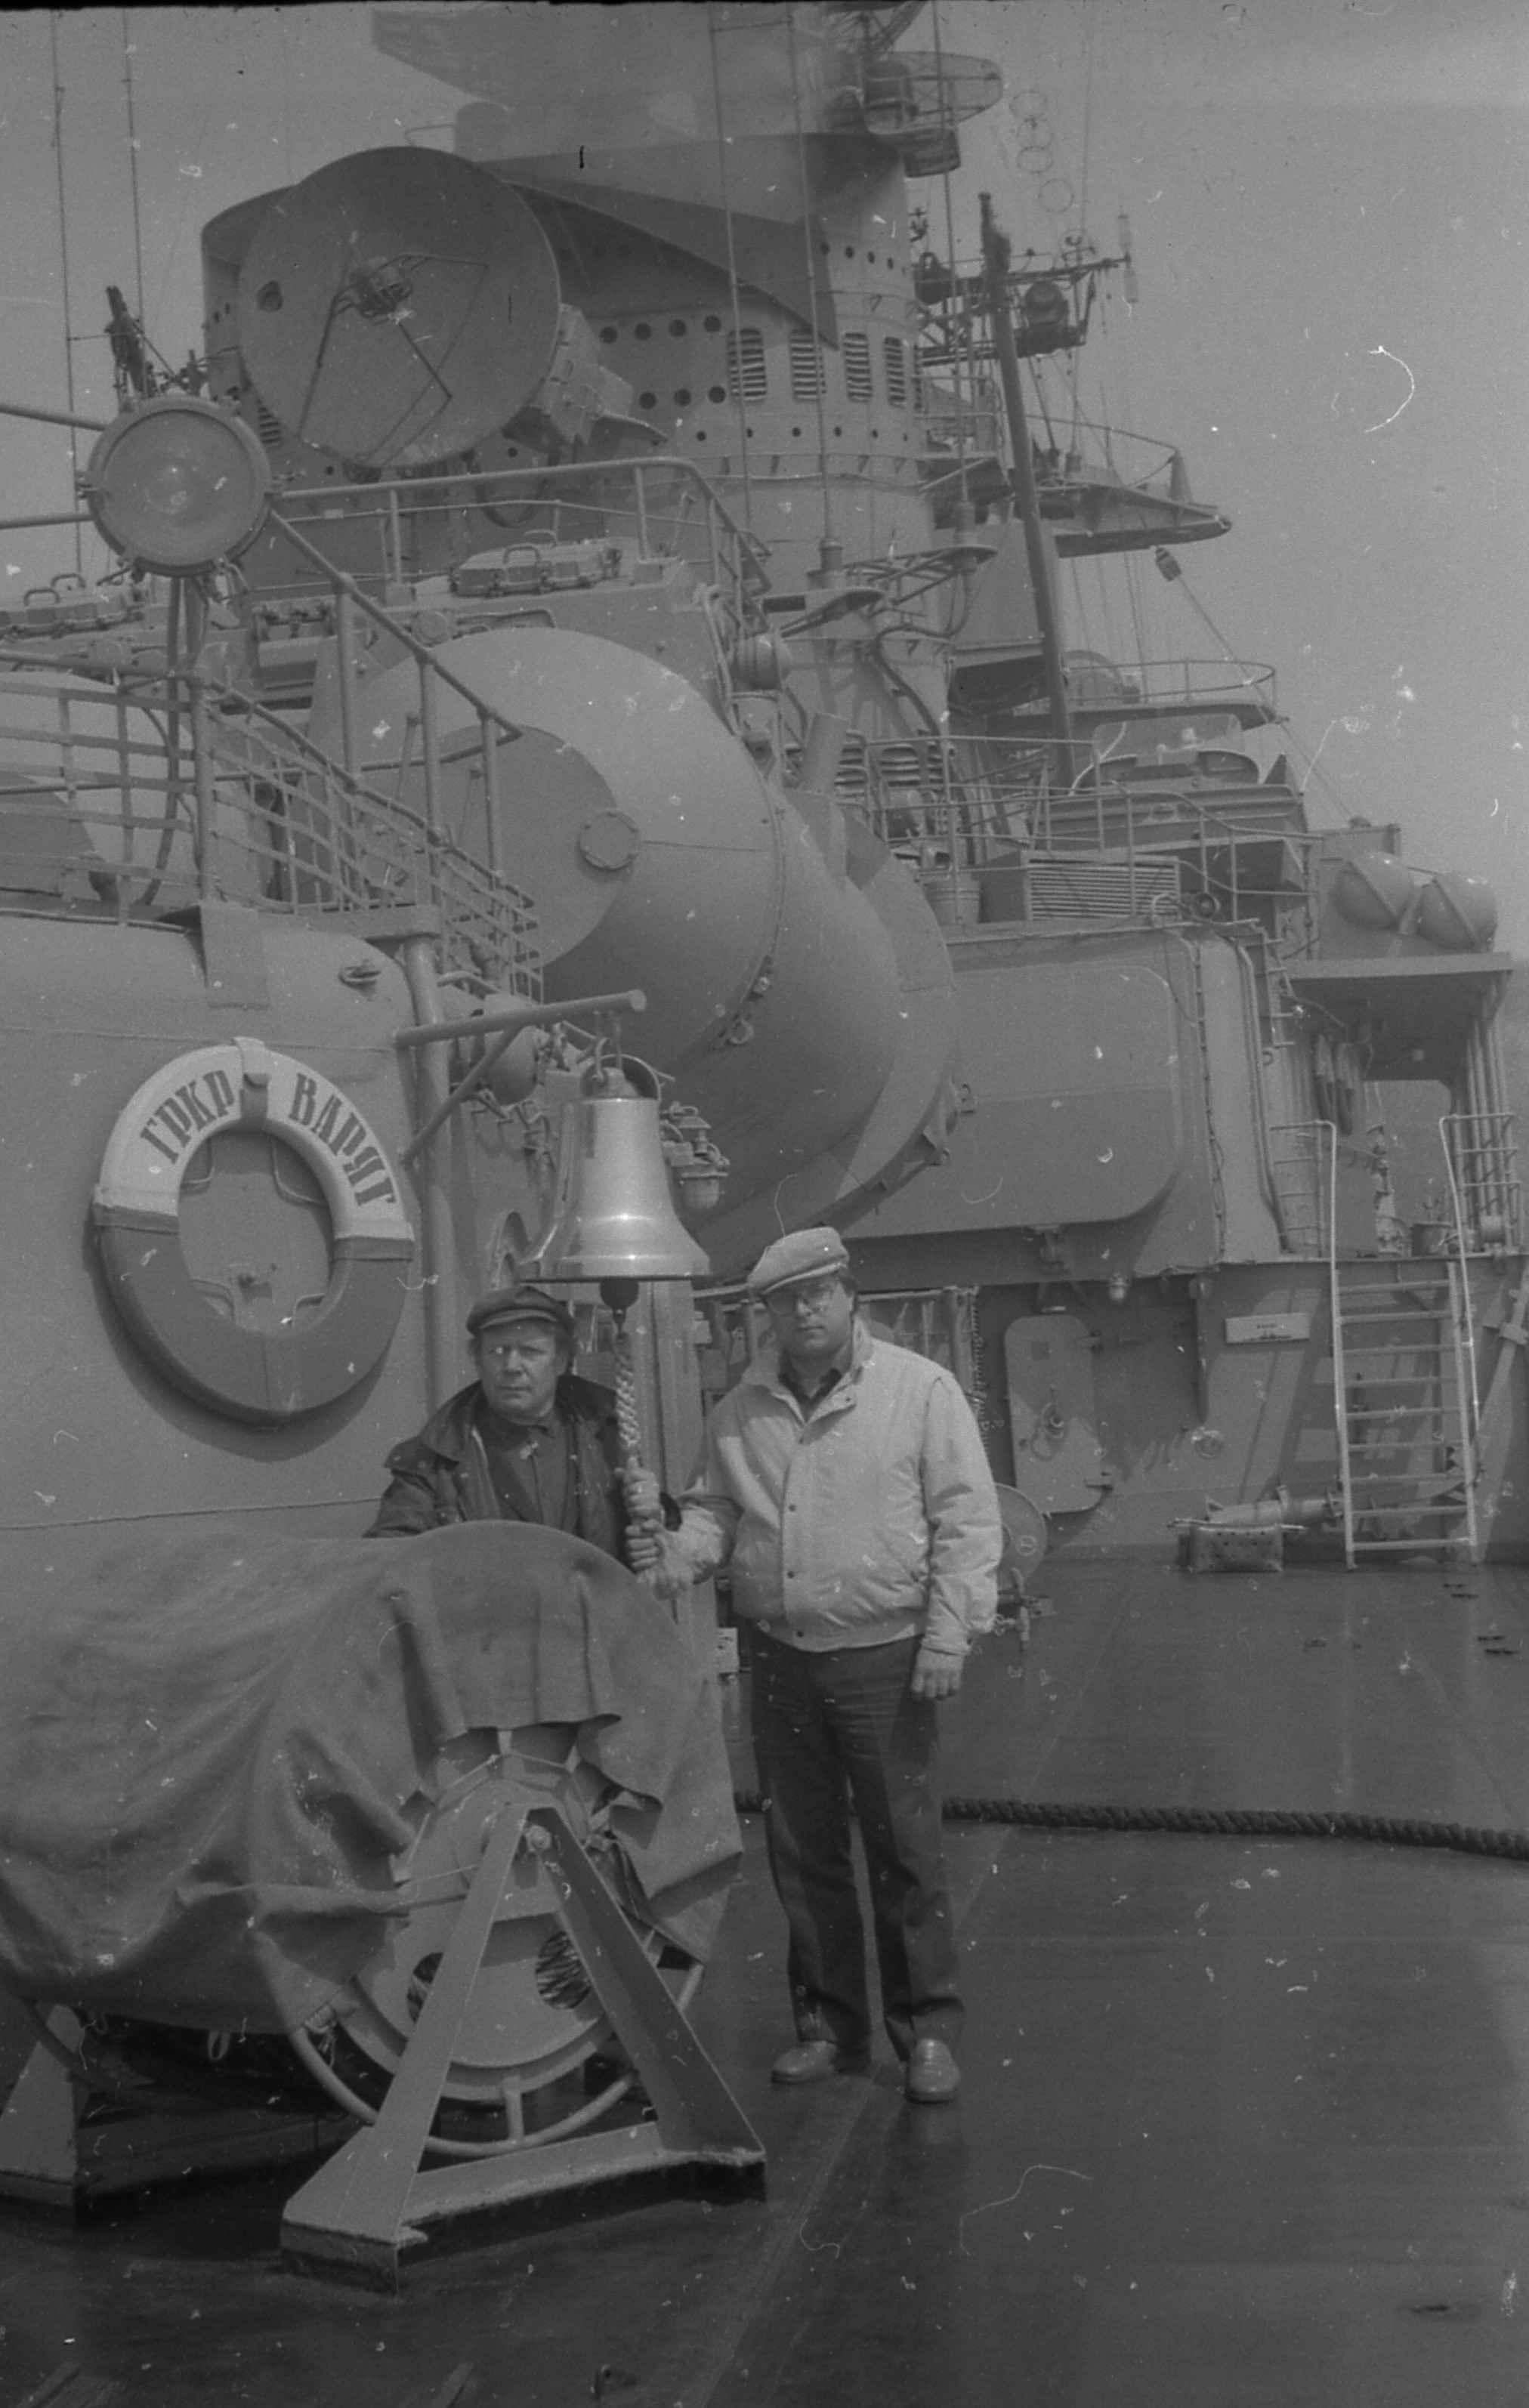 Экспонат #28. Гвардейский ракетный крейсер «Варяг»